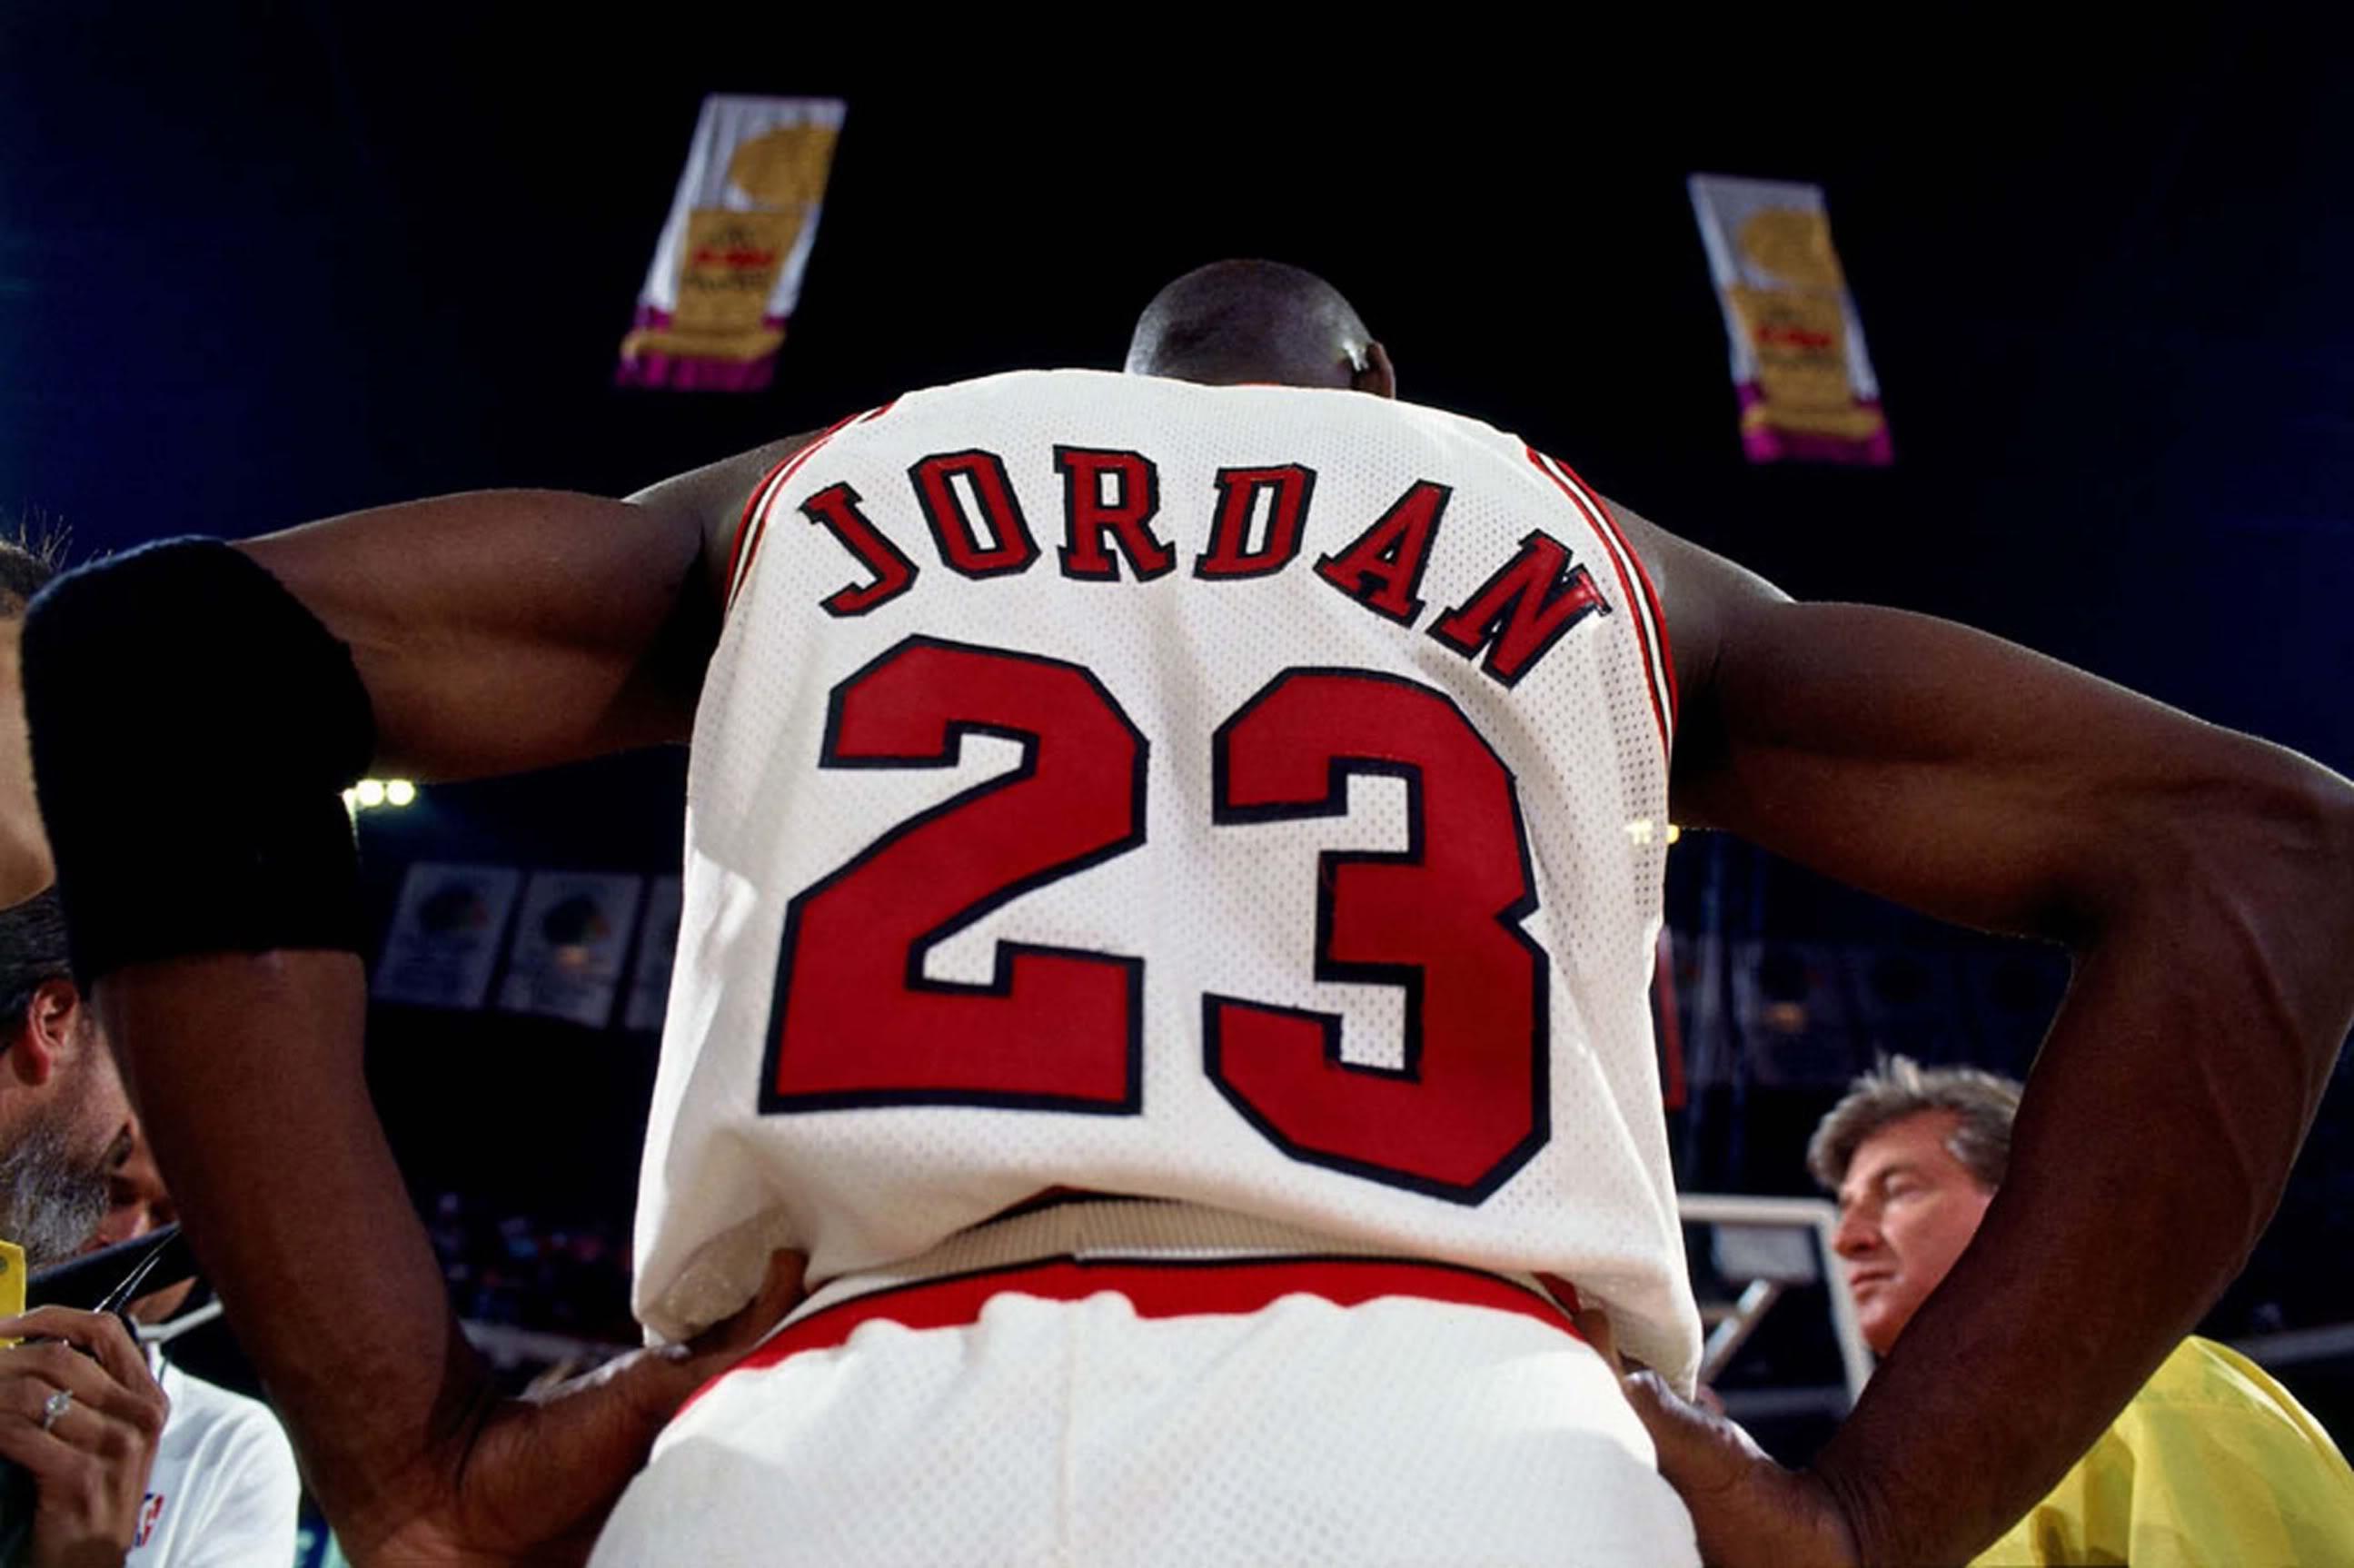 urzędnik szczegółowy wygląd rozsądna cena Michael Jordan: How His Airness Stacks Up Against Today's ...